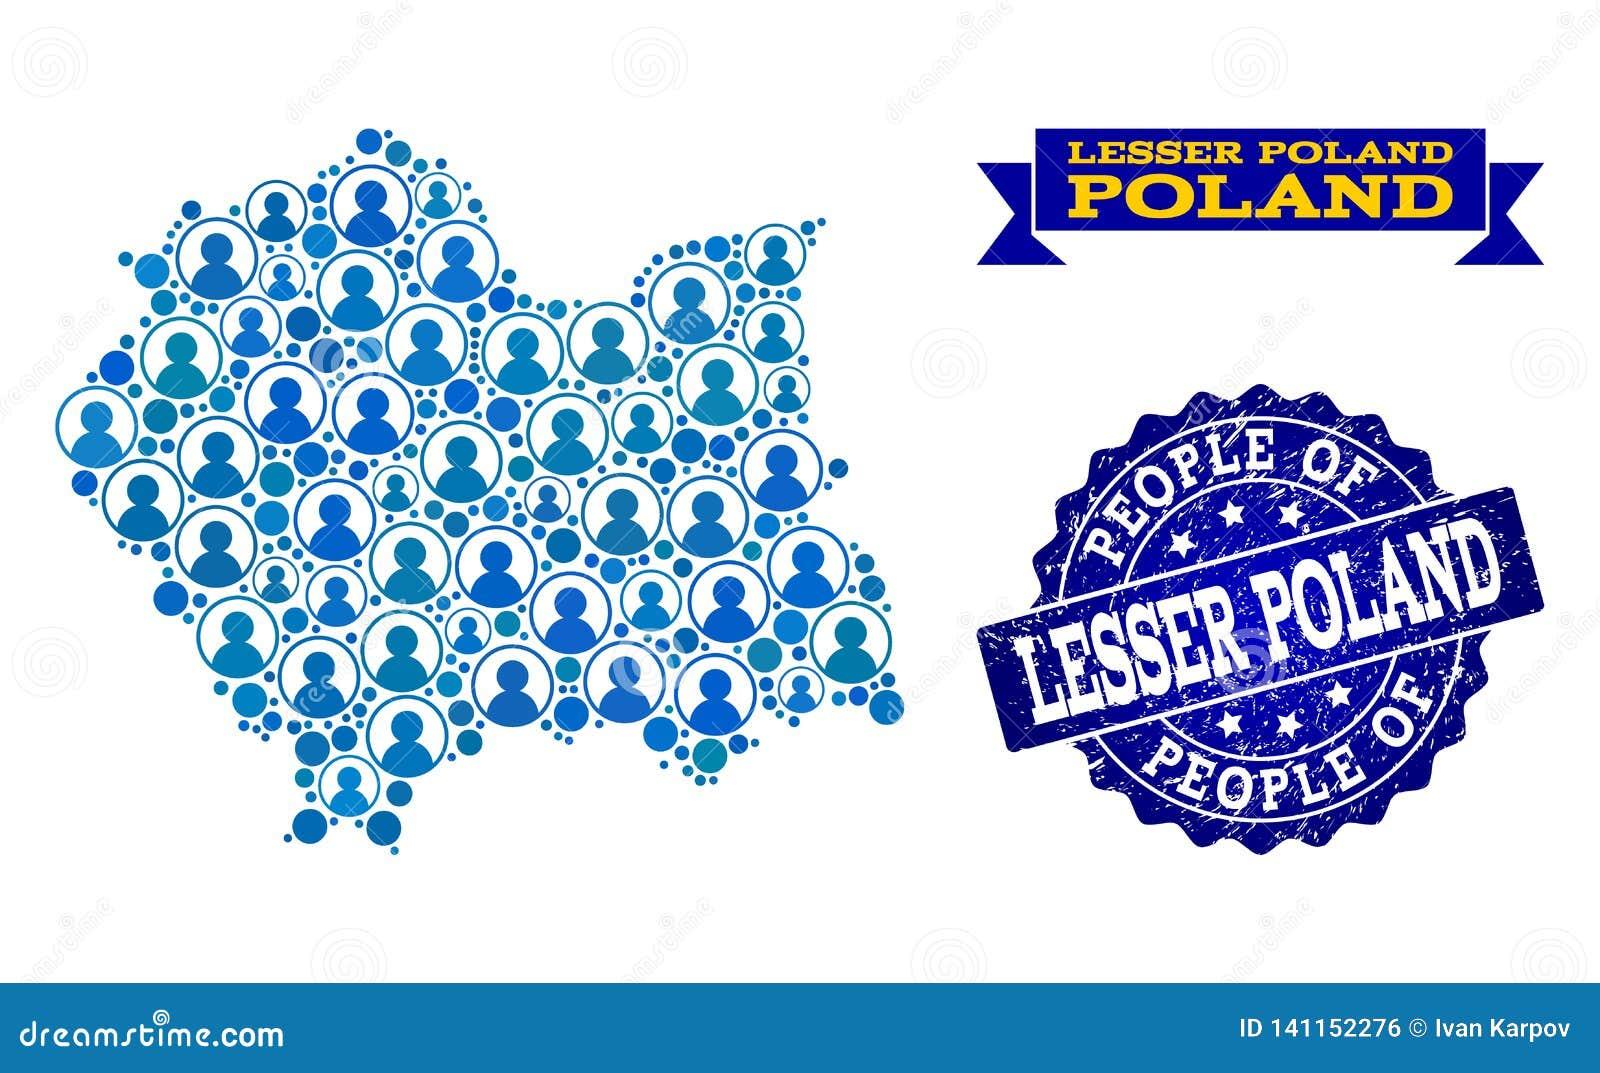 Composizione della gente della mappa di mosaico di Lesser Poland Province e della guarnizione strutturata